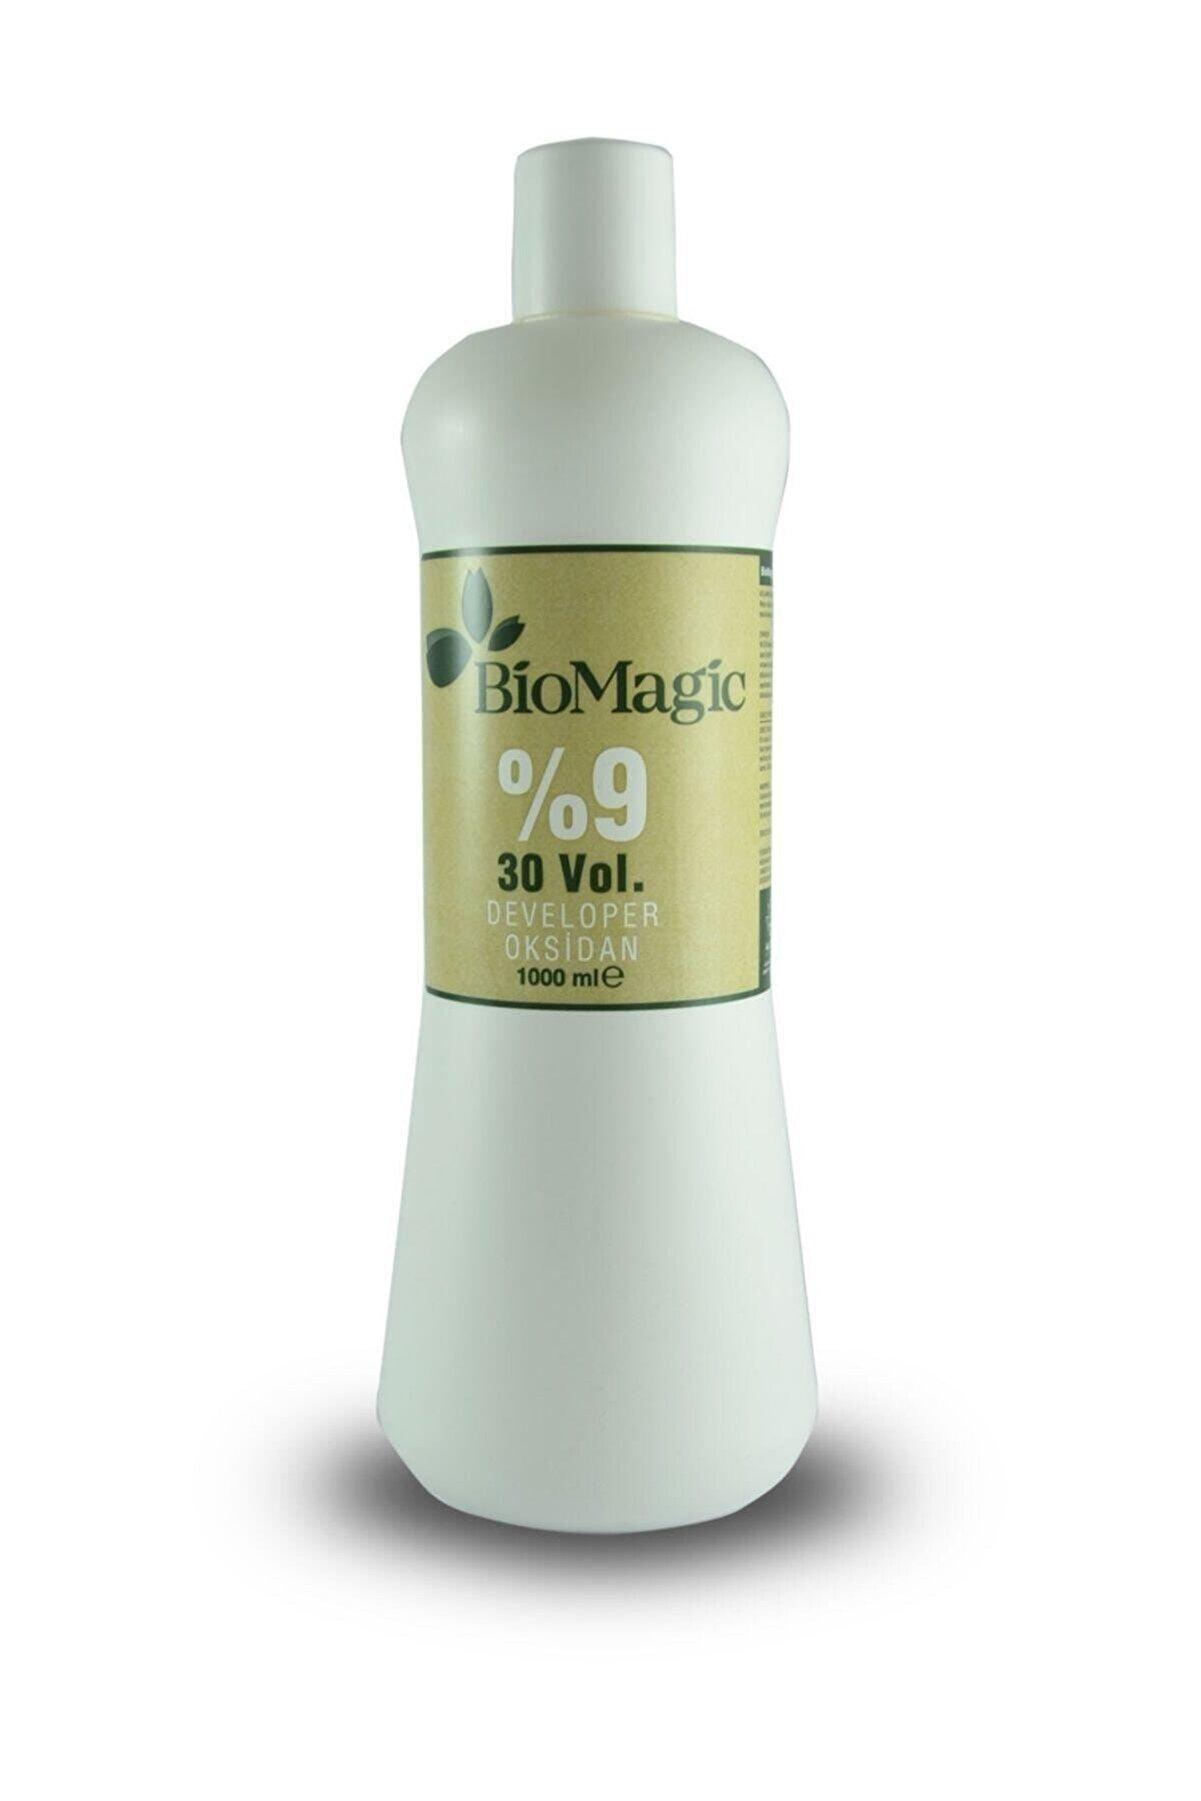 BioMagic Developer Oksidan %9 1000 Ml